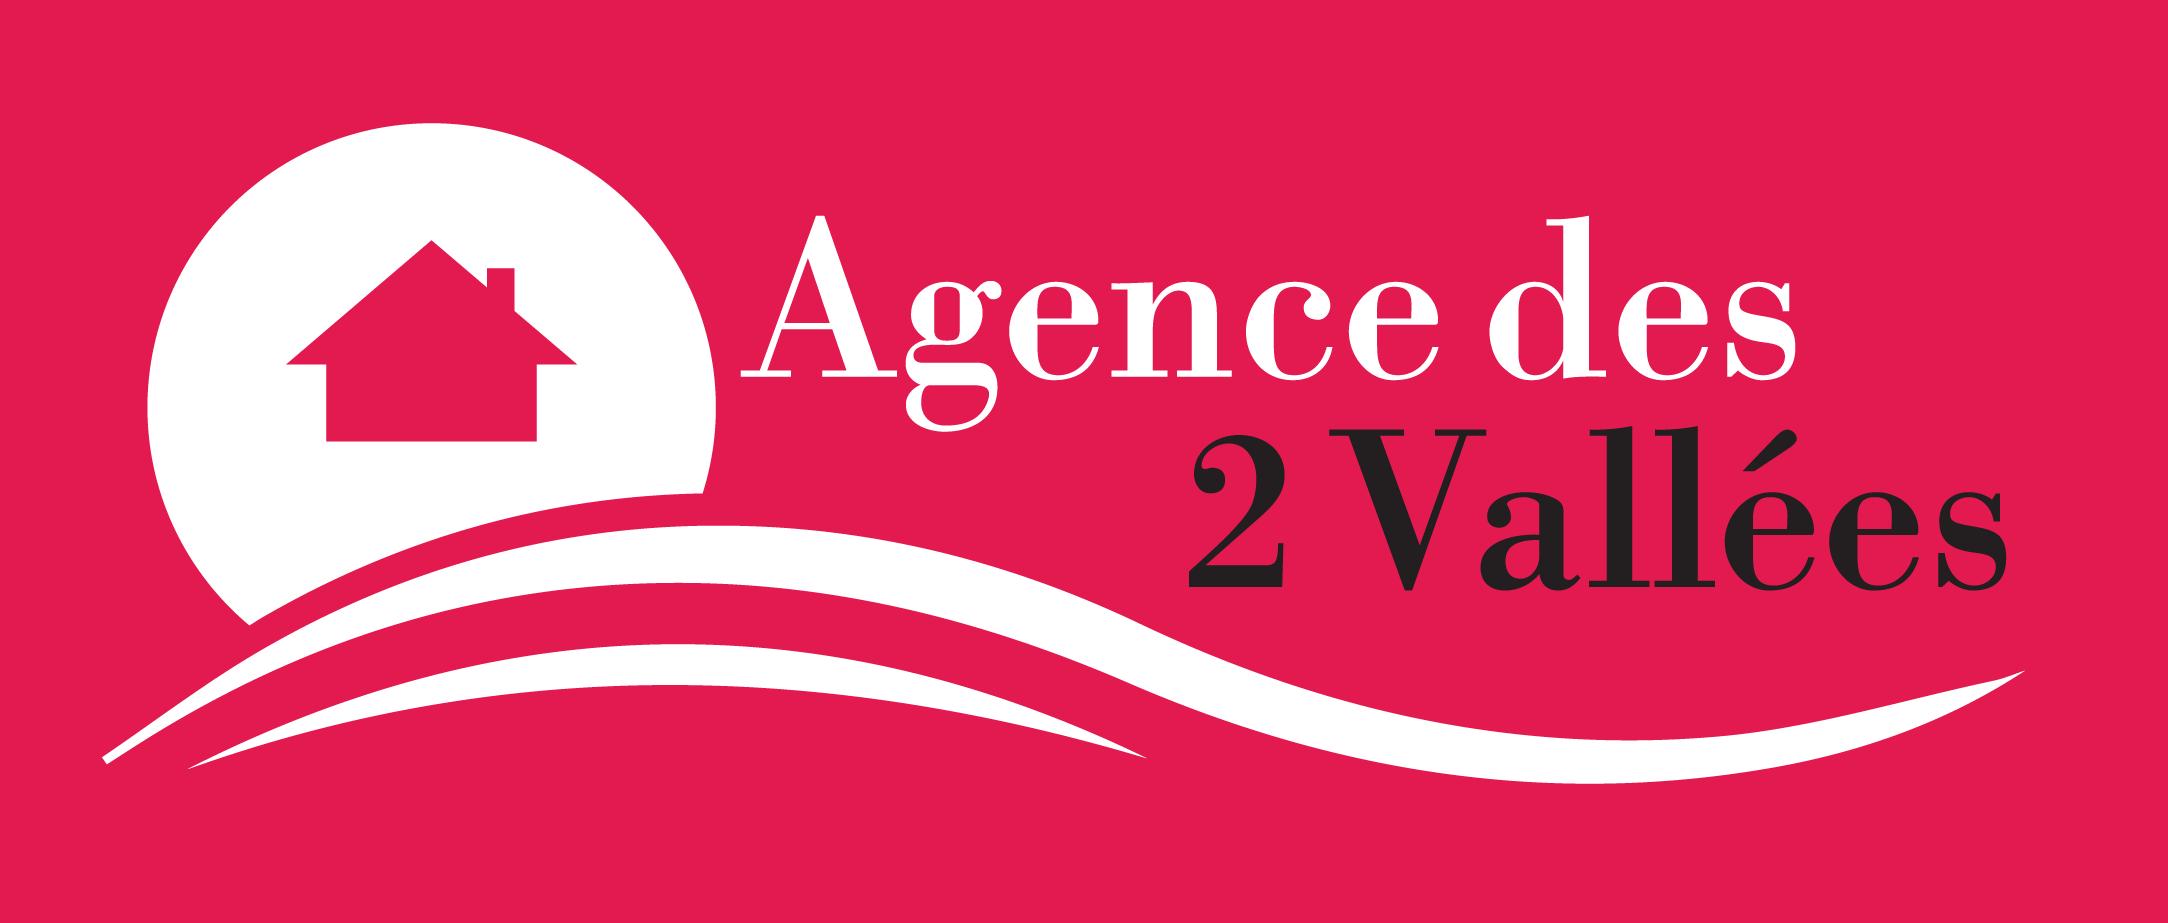 Agence des 2 Vallées agence immobilière Ezy sur Eure 27530